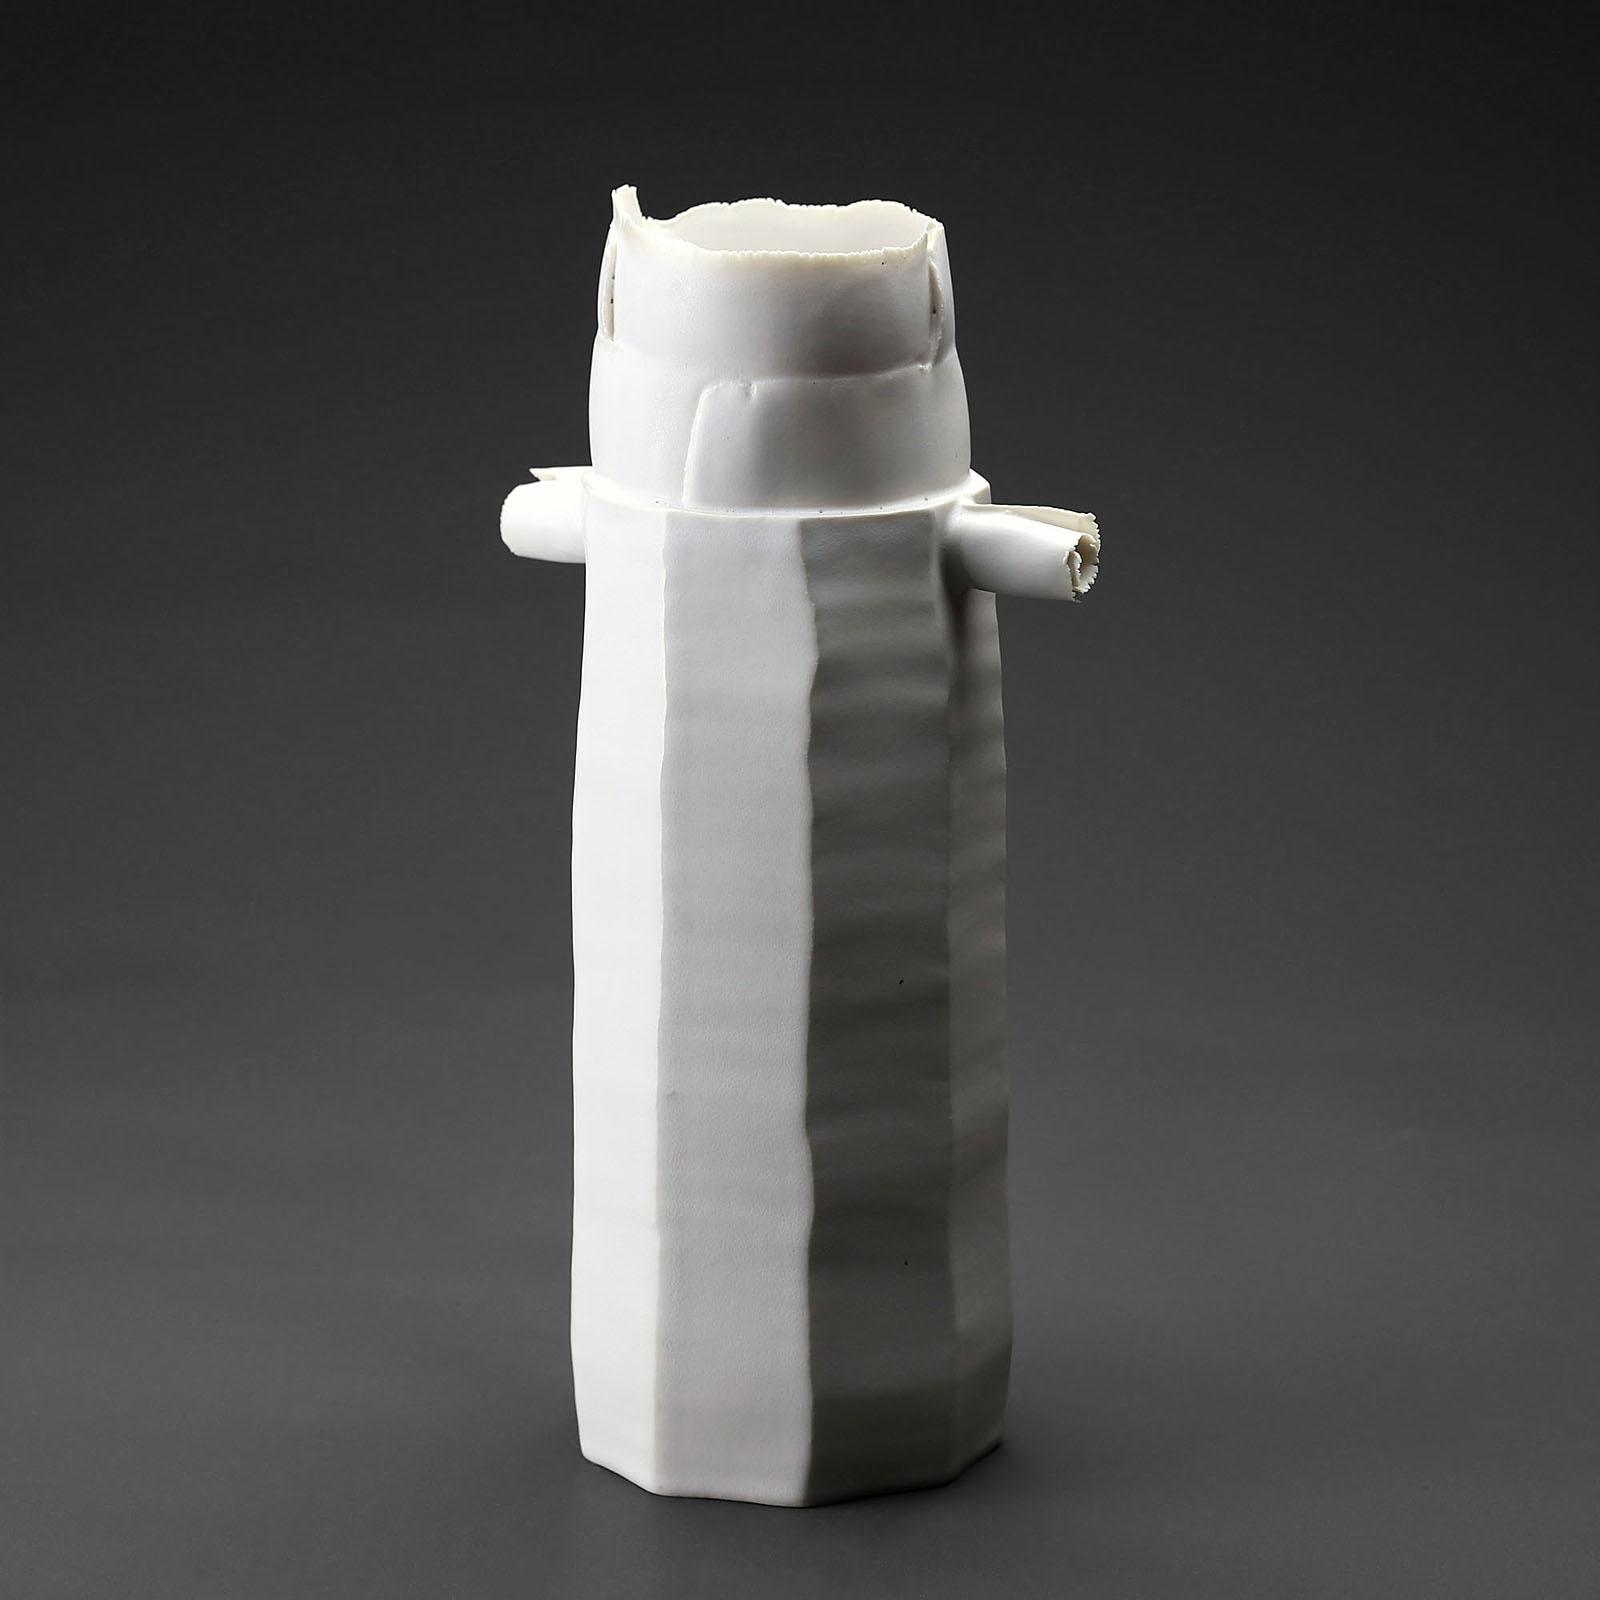 Vase Të 916-1 céramique, porcelaine émaillée blanc